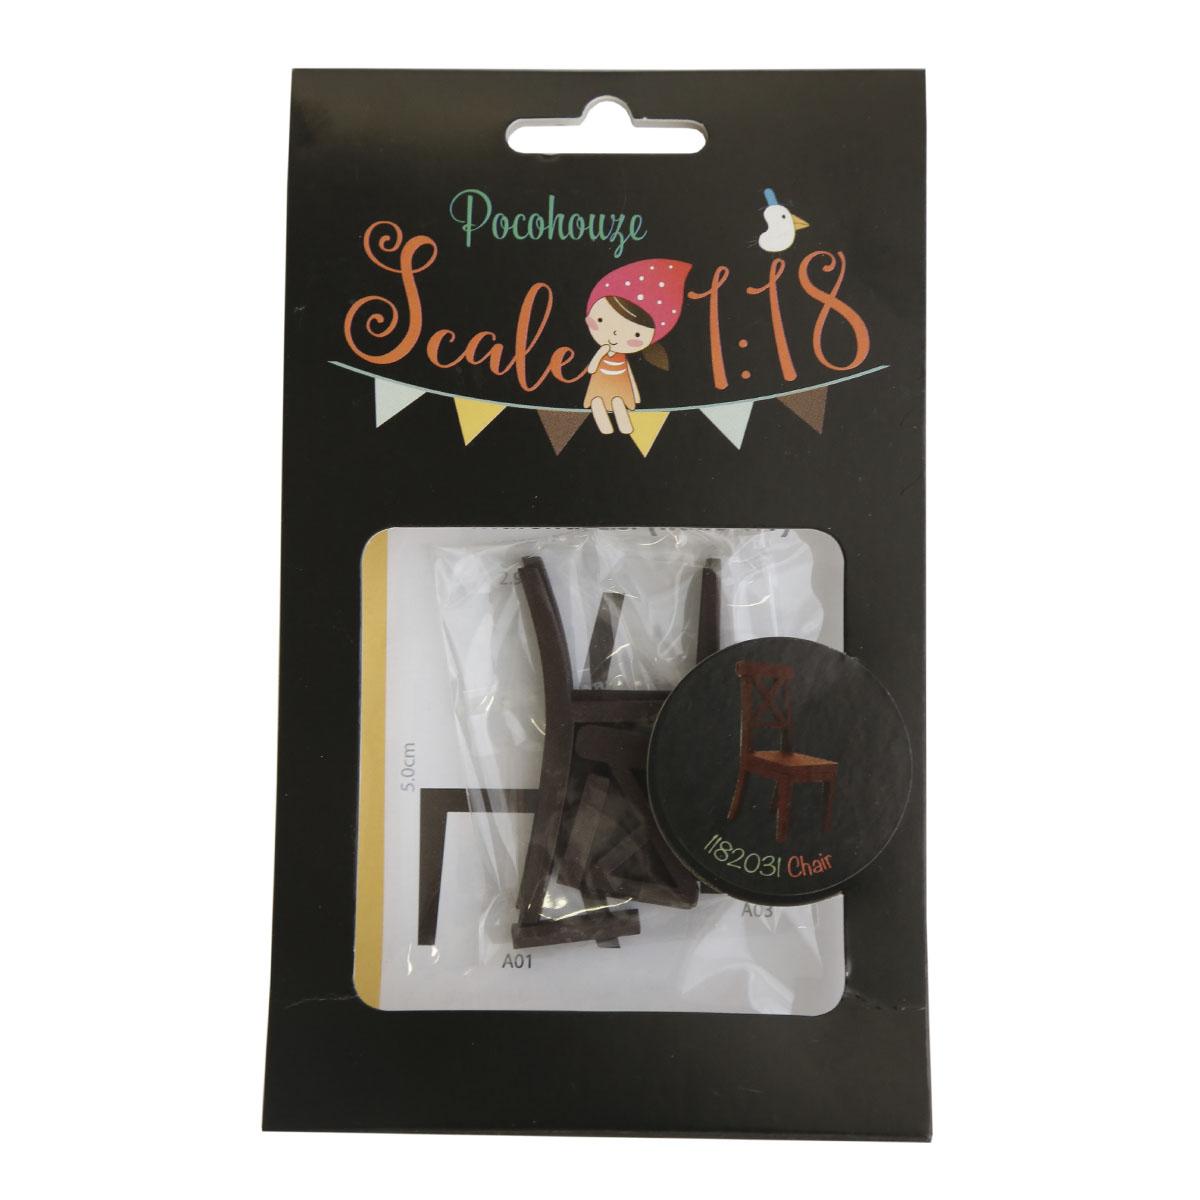 Набор для изготовления миниатюры Pocohouse Стул. 1182031 купить аксессуары для изготовления постижерных изделий